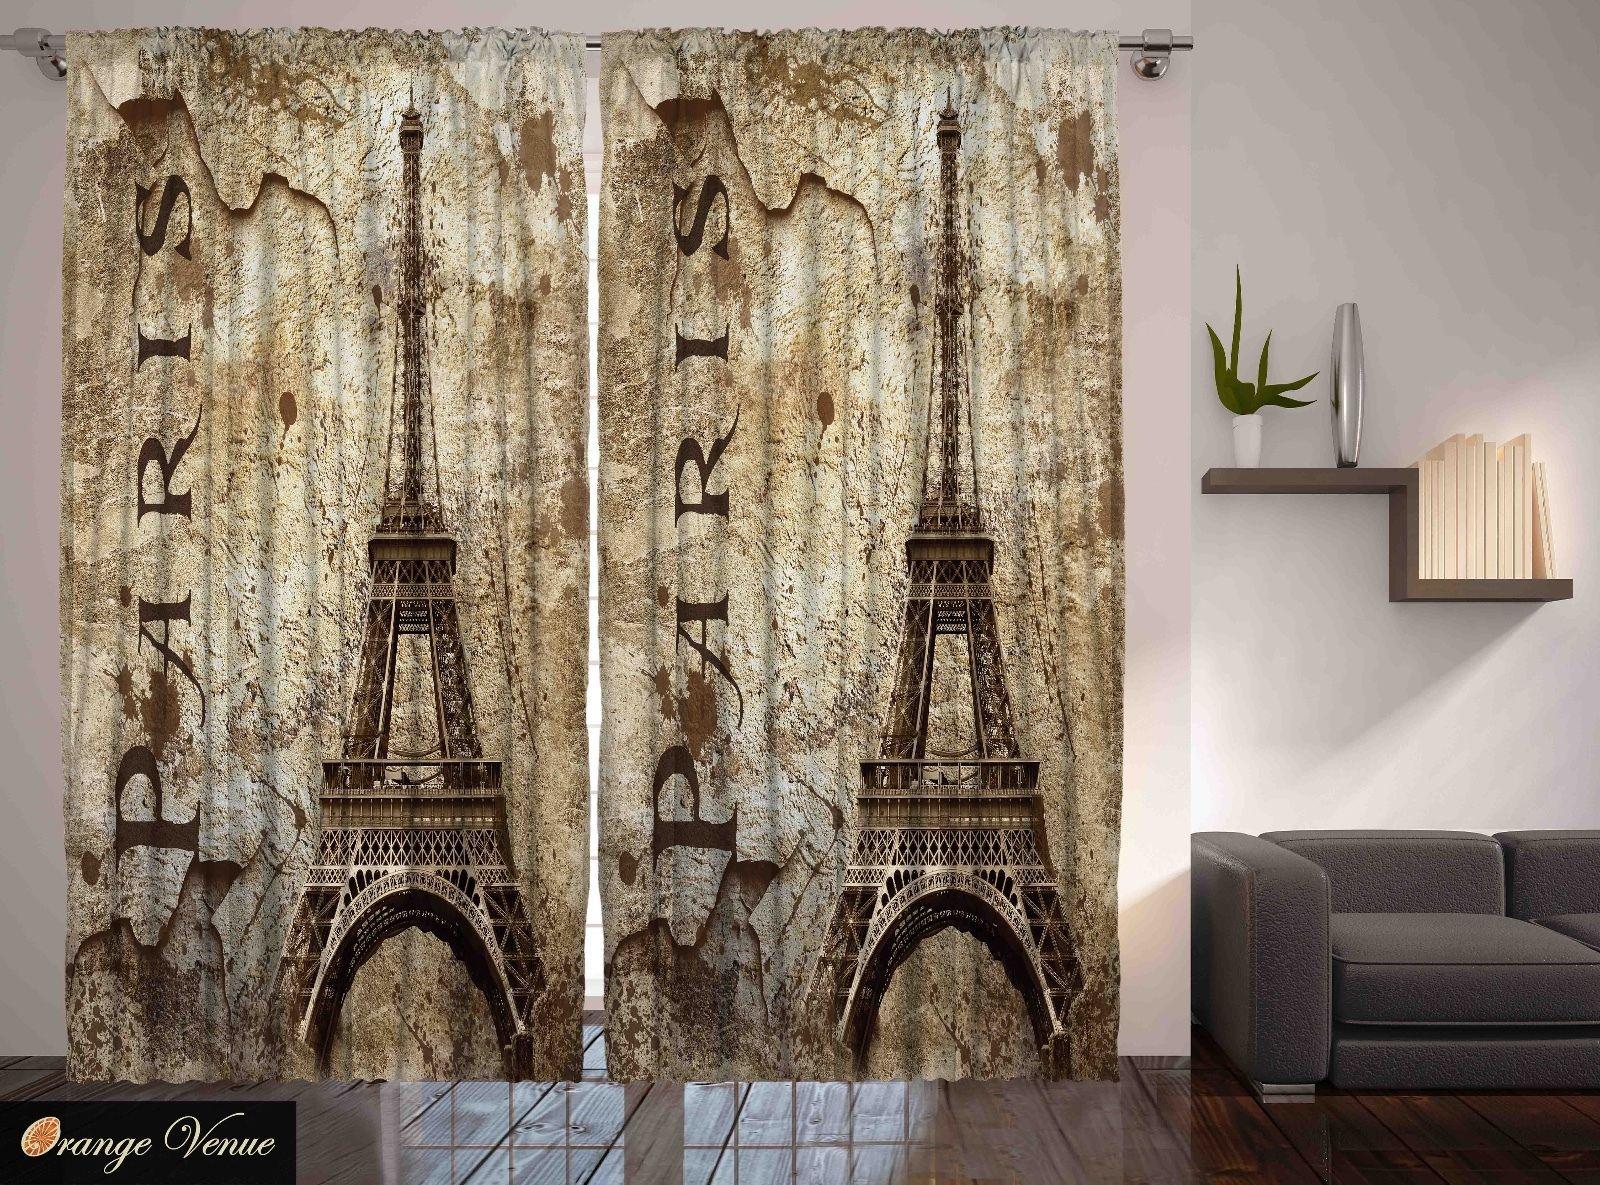 marvelous paris themed living room decor | Paris Decor Eiffel Tower Parisian Cityscape Themed Living ...